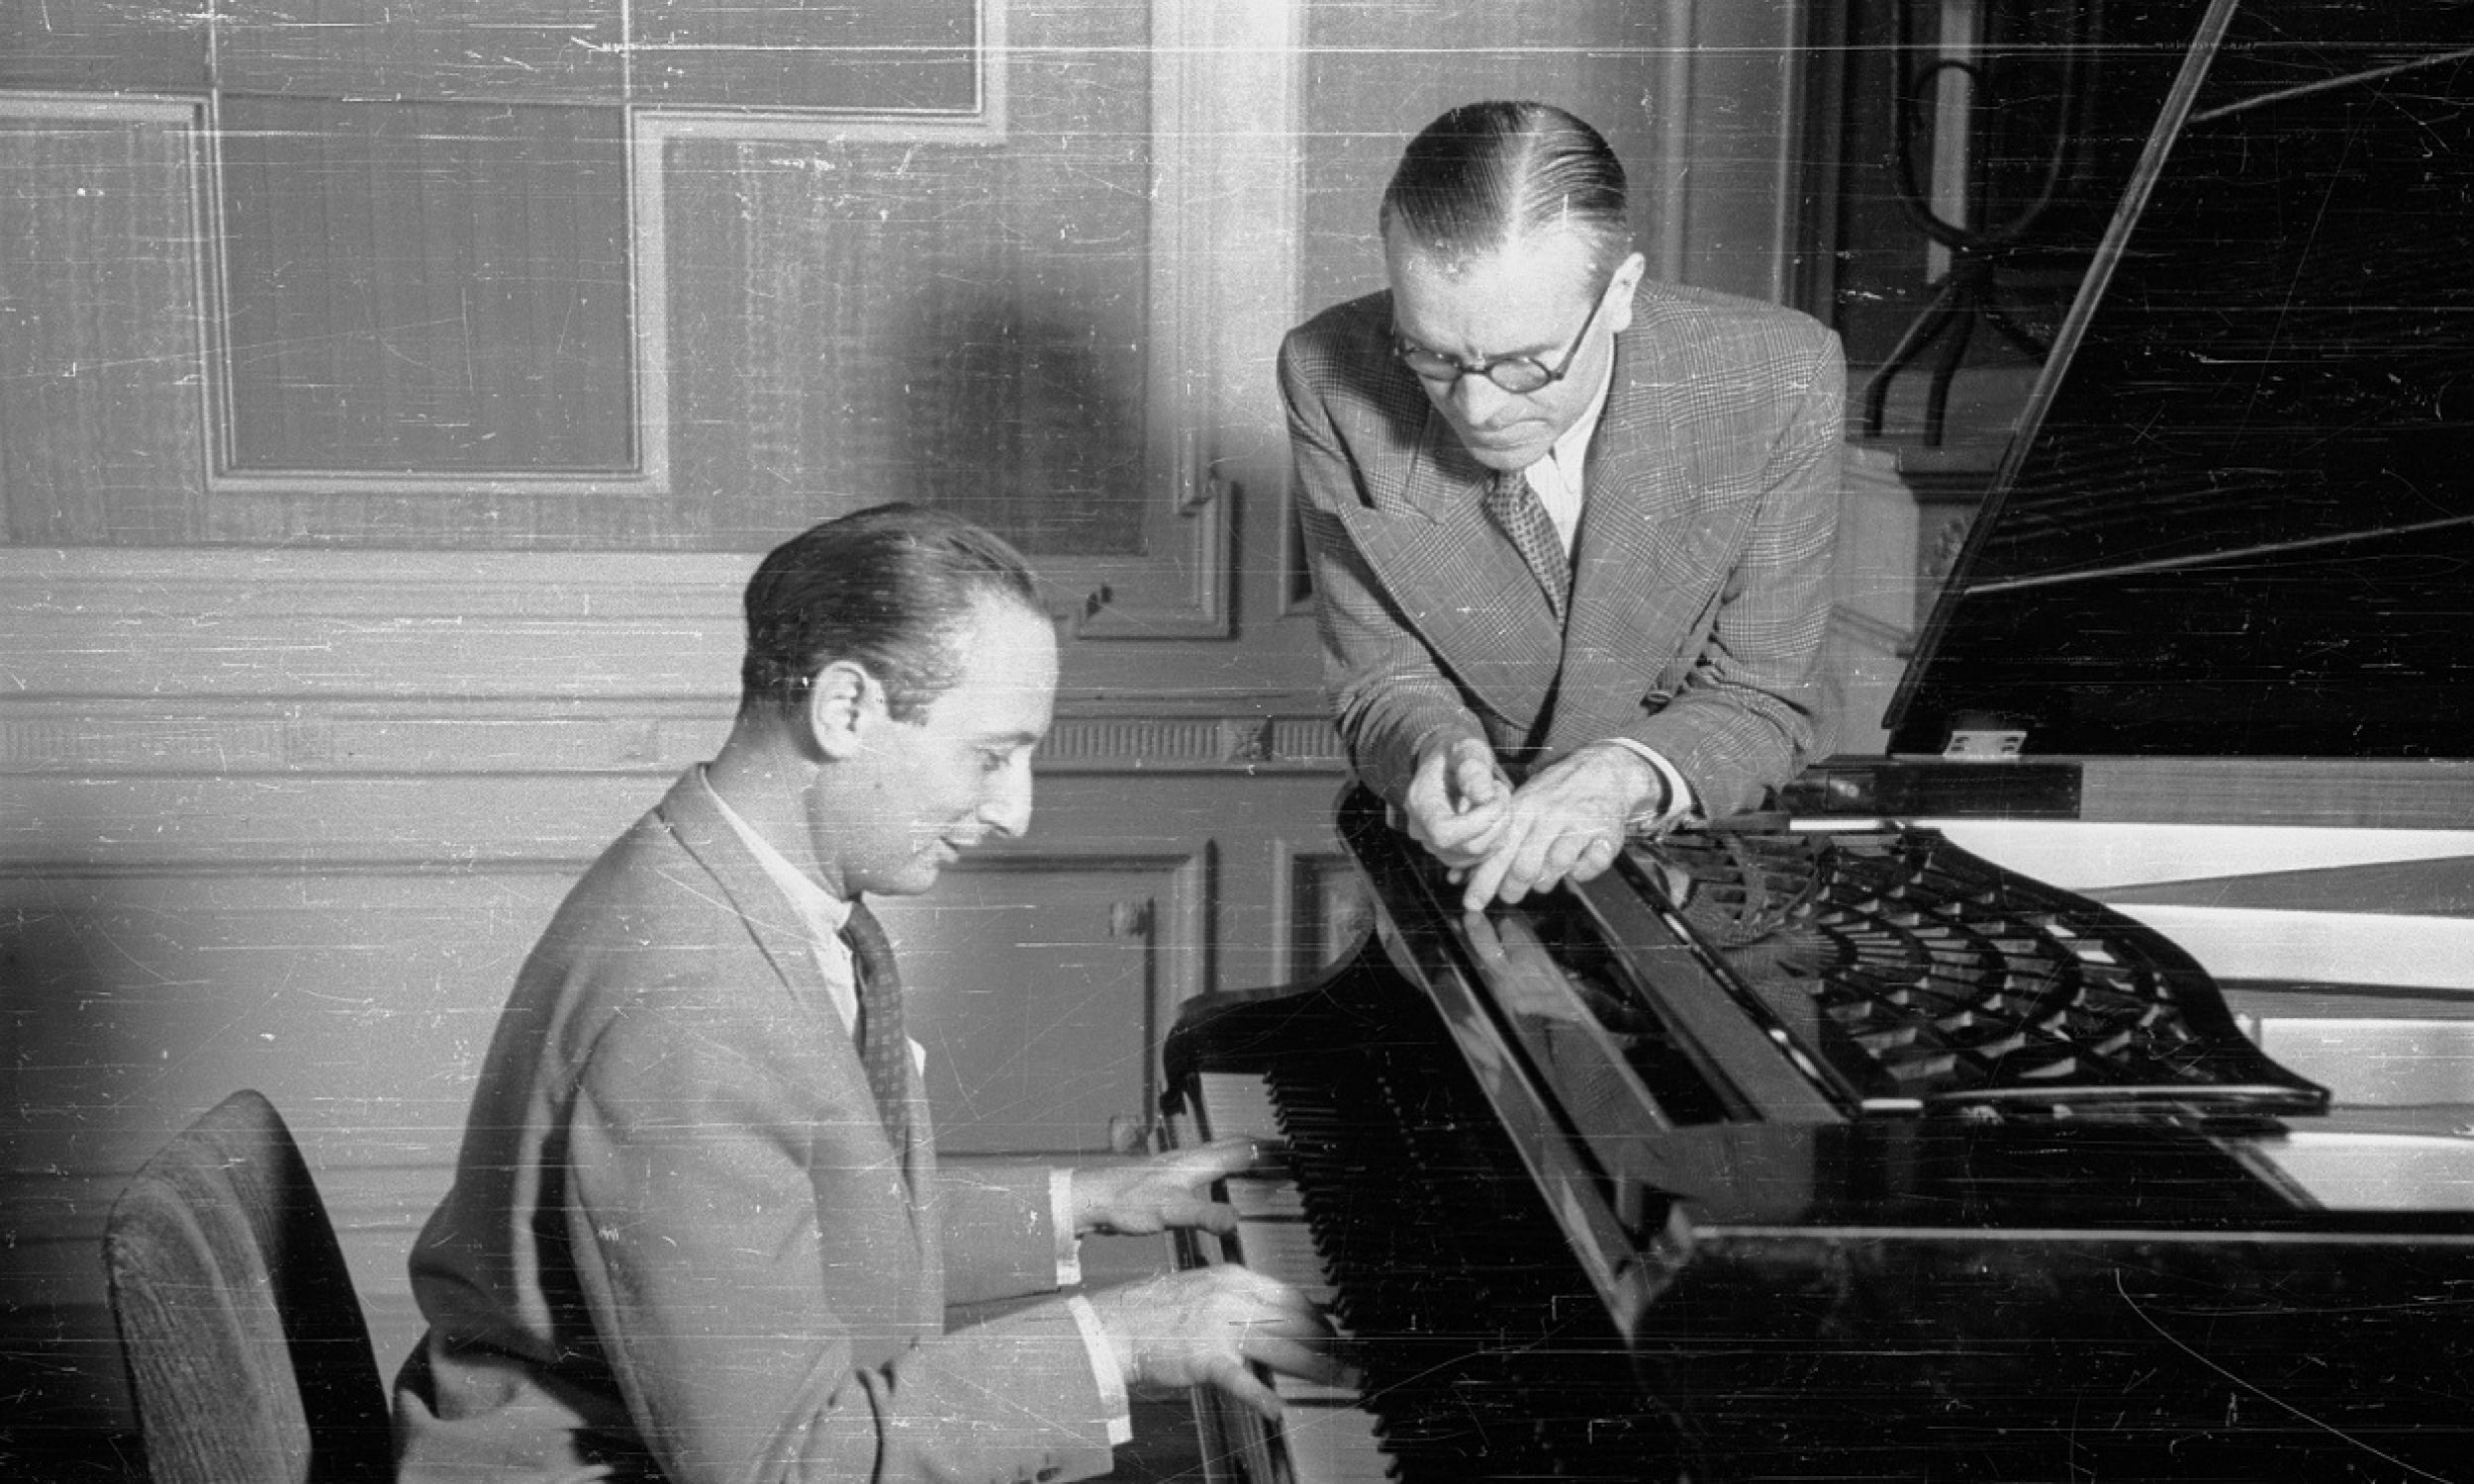 """23 września 1939 Szpilman grał """"na żywo"""" w ostatniej audycji Polskiego Radia utwory Chopina. Chwilę później niemieckie bomby spadły na elektrownię warszawską i rozgłośnia zamilkła. Sześć lat później pierwsza emisja Polskiego Radia zaczęła się od tych samych utworów granych przez Szpilmana. Na zdjęciu pianista w sierpniu 1946 z naczelnikiem Wydziału Muzycznego PR Romanem Jasińskim, w siedzibie rozgłośni w Alejach Ujazdowskich 31, w pałacu Róży Czetwertyńskiej. Fot. PAP/Stanisław Dąbrowiecki"""